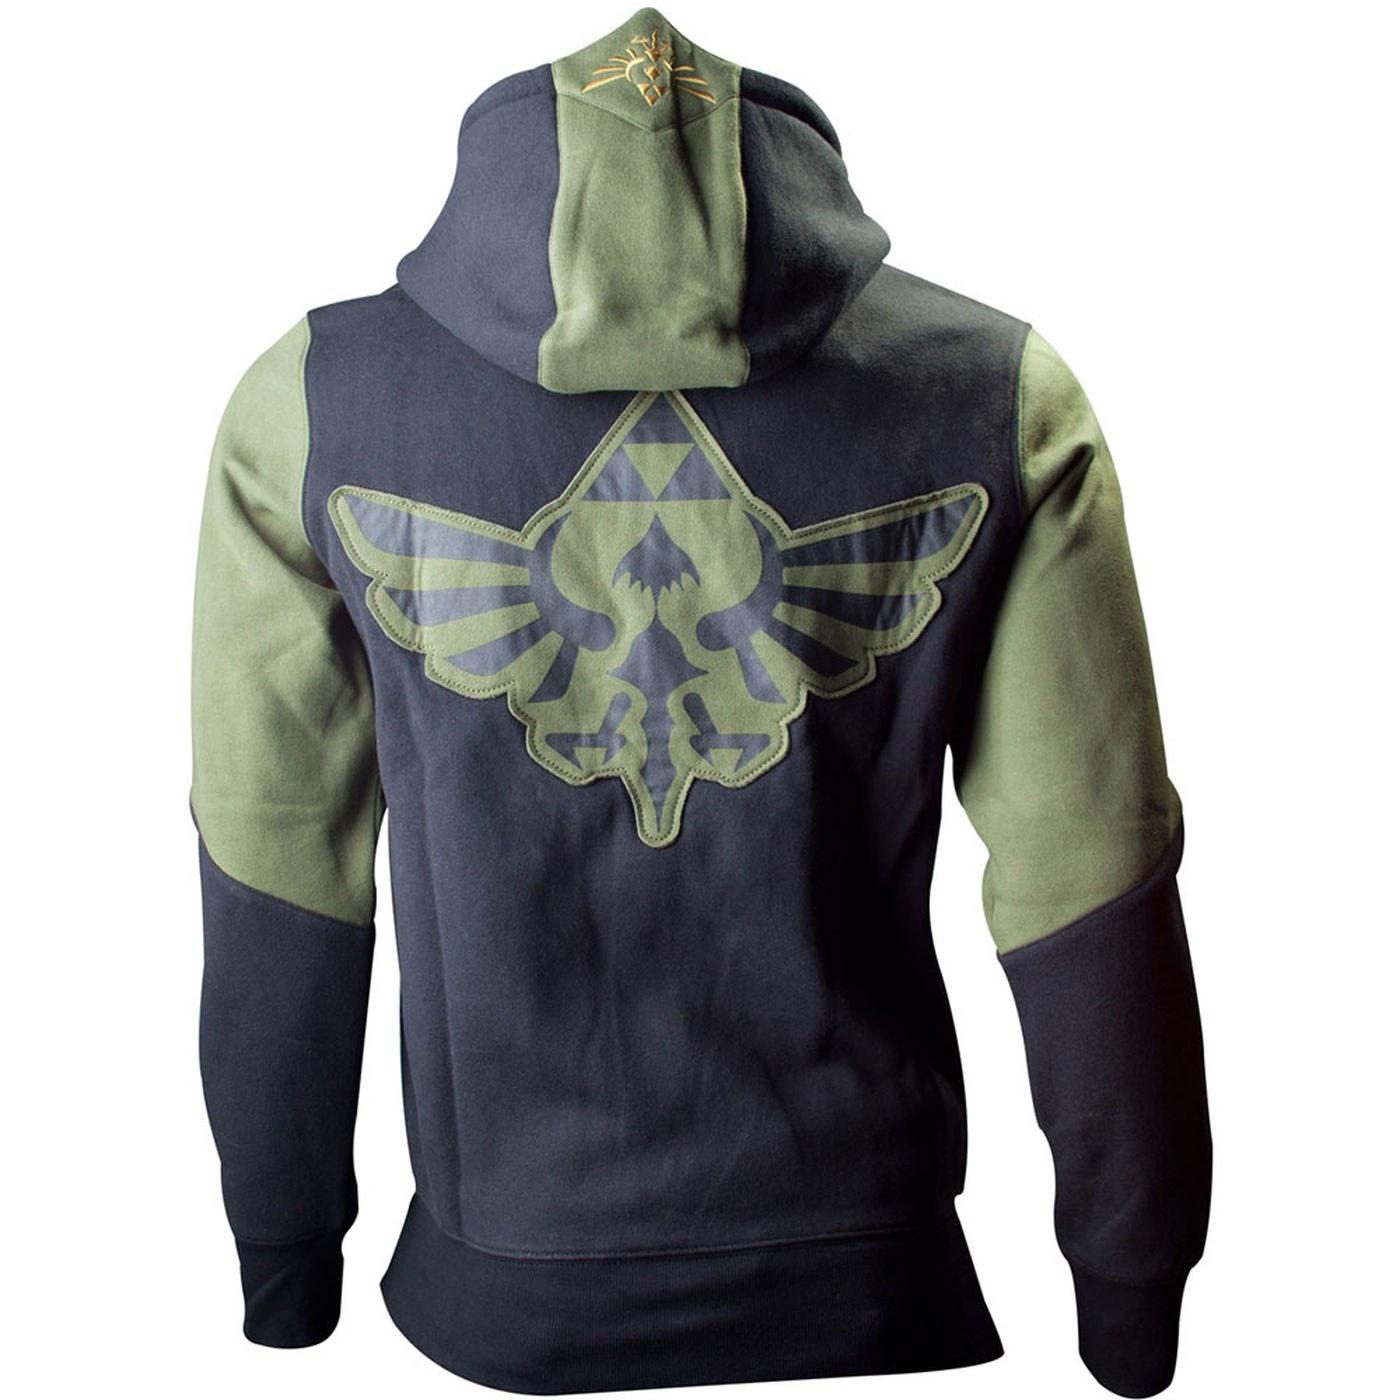 Nintendo Legend Of Zelda hoodie - Hyrulian Crest hoody